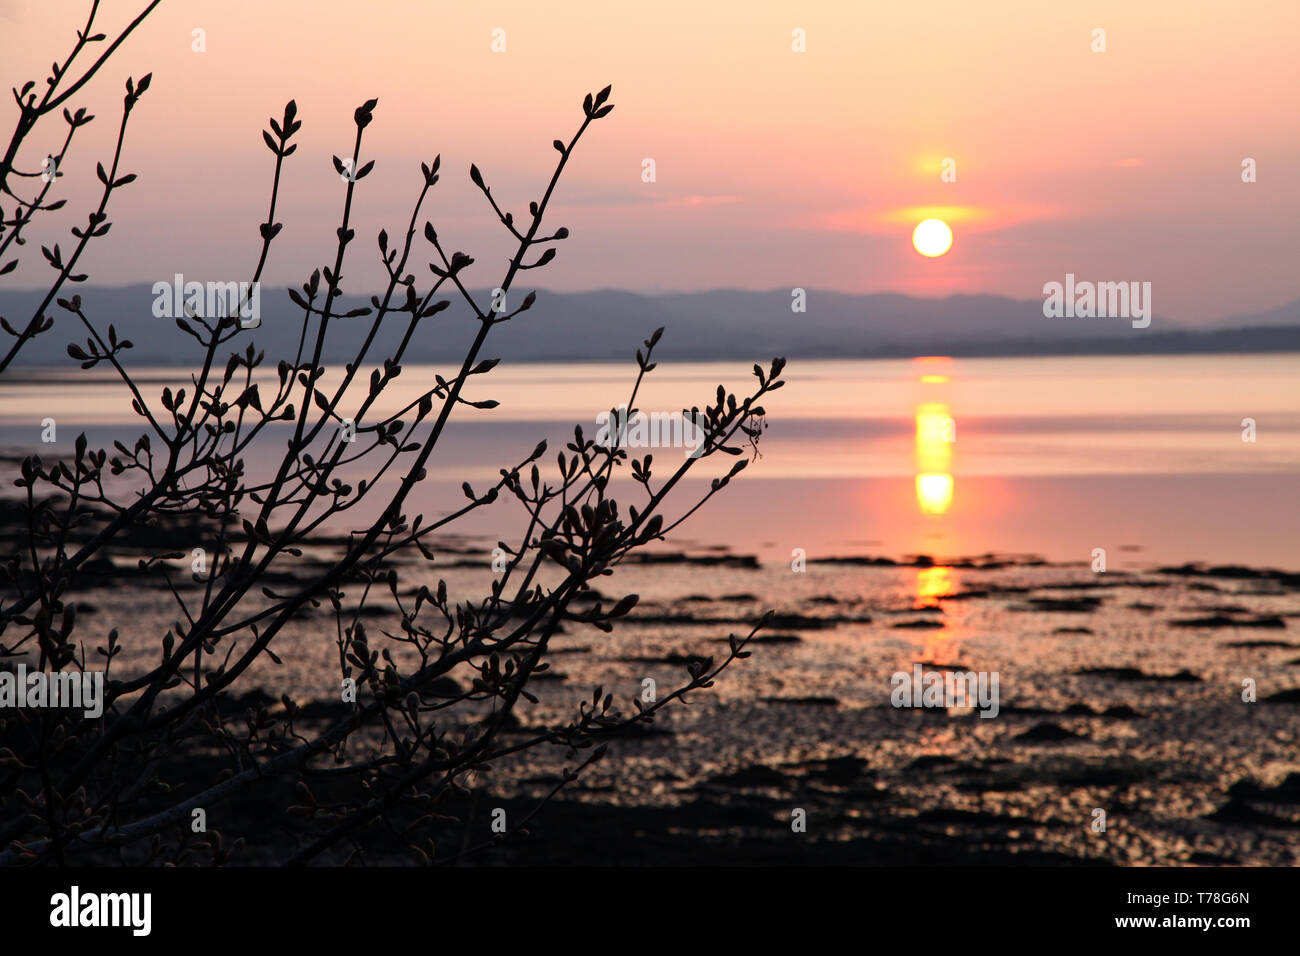 Hermoso atardecer dorado con reflejos del sol en aguas tranquilas Foto de stock